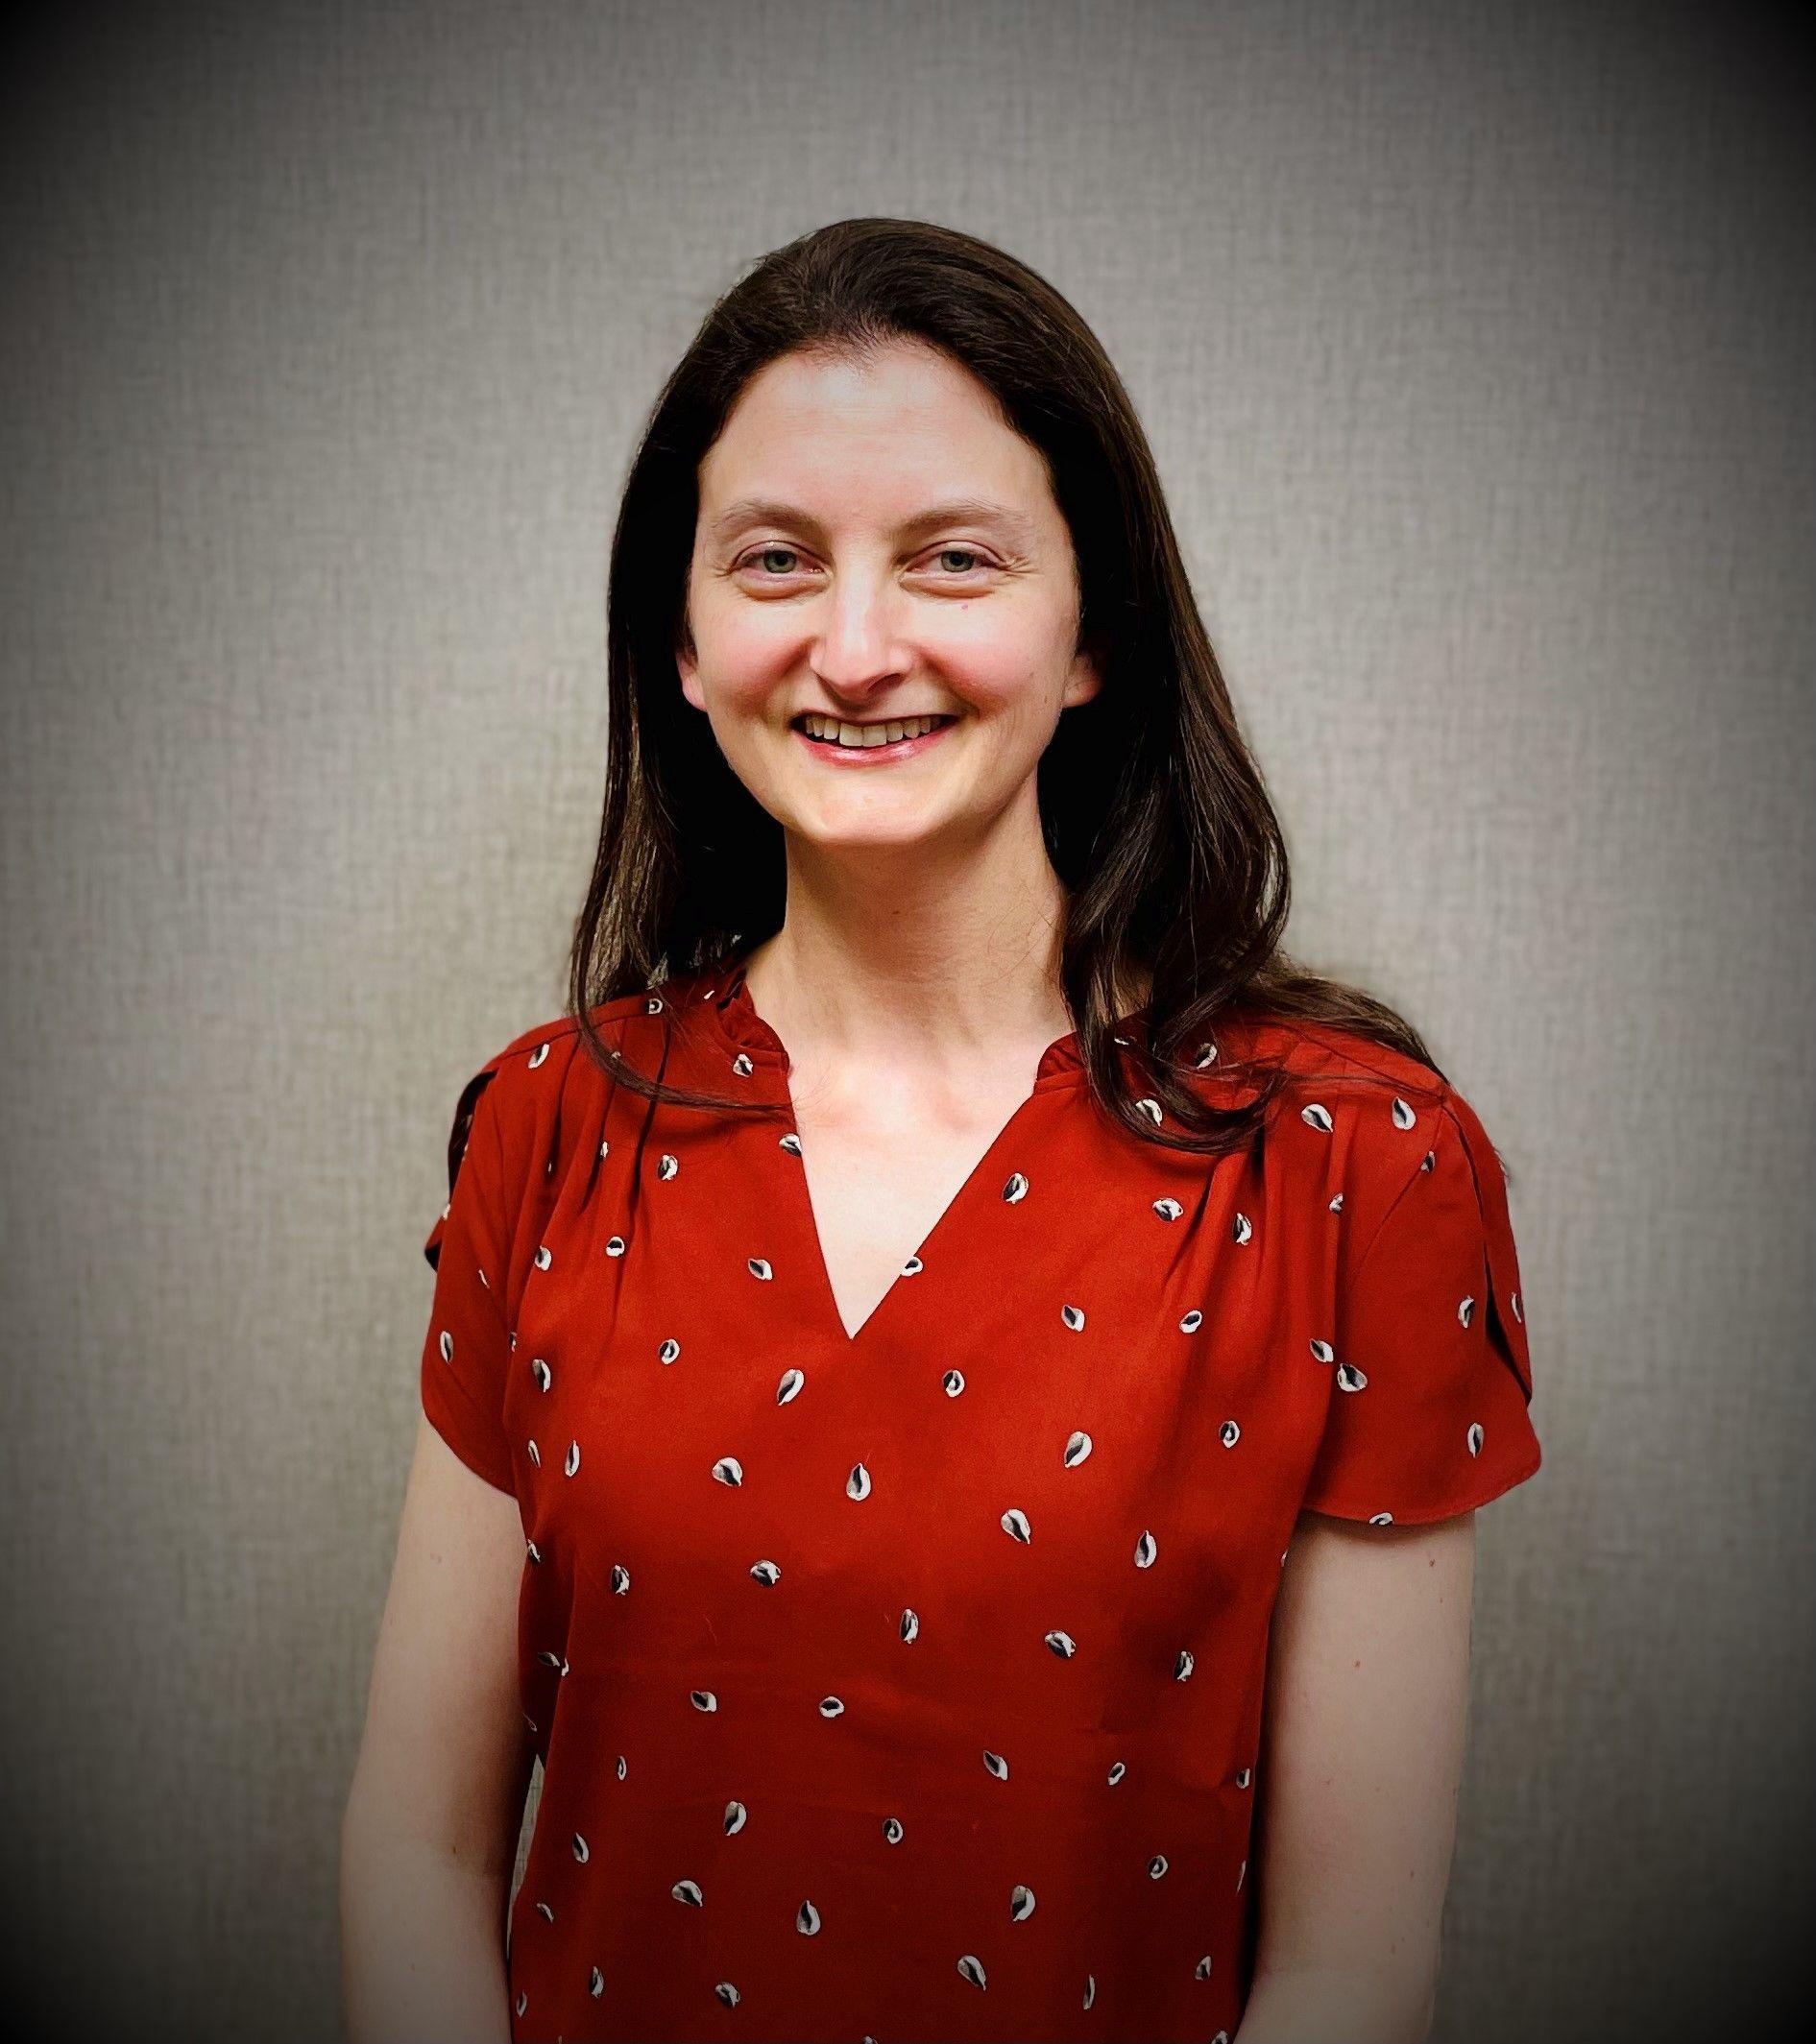 Dr. Allison Sanders